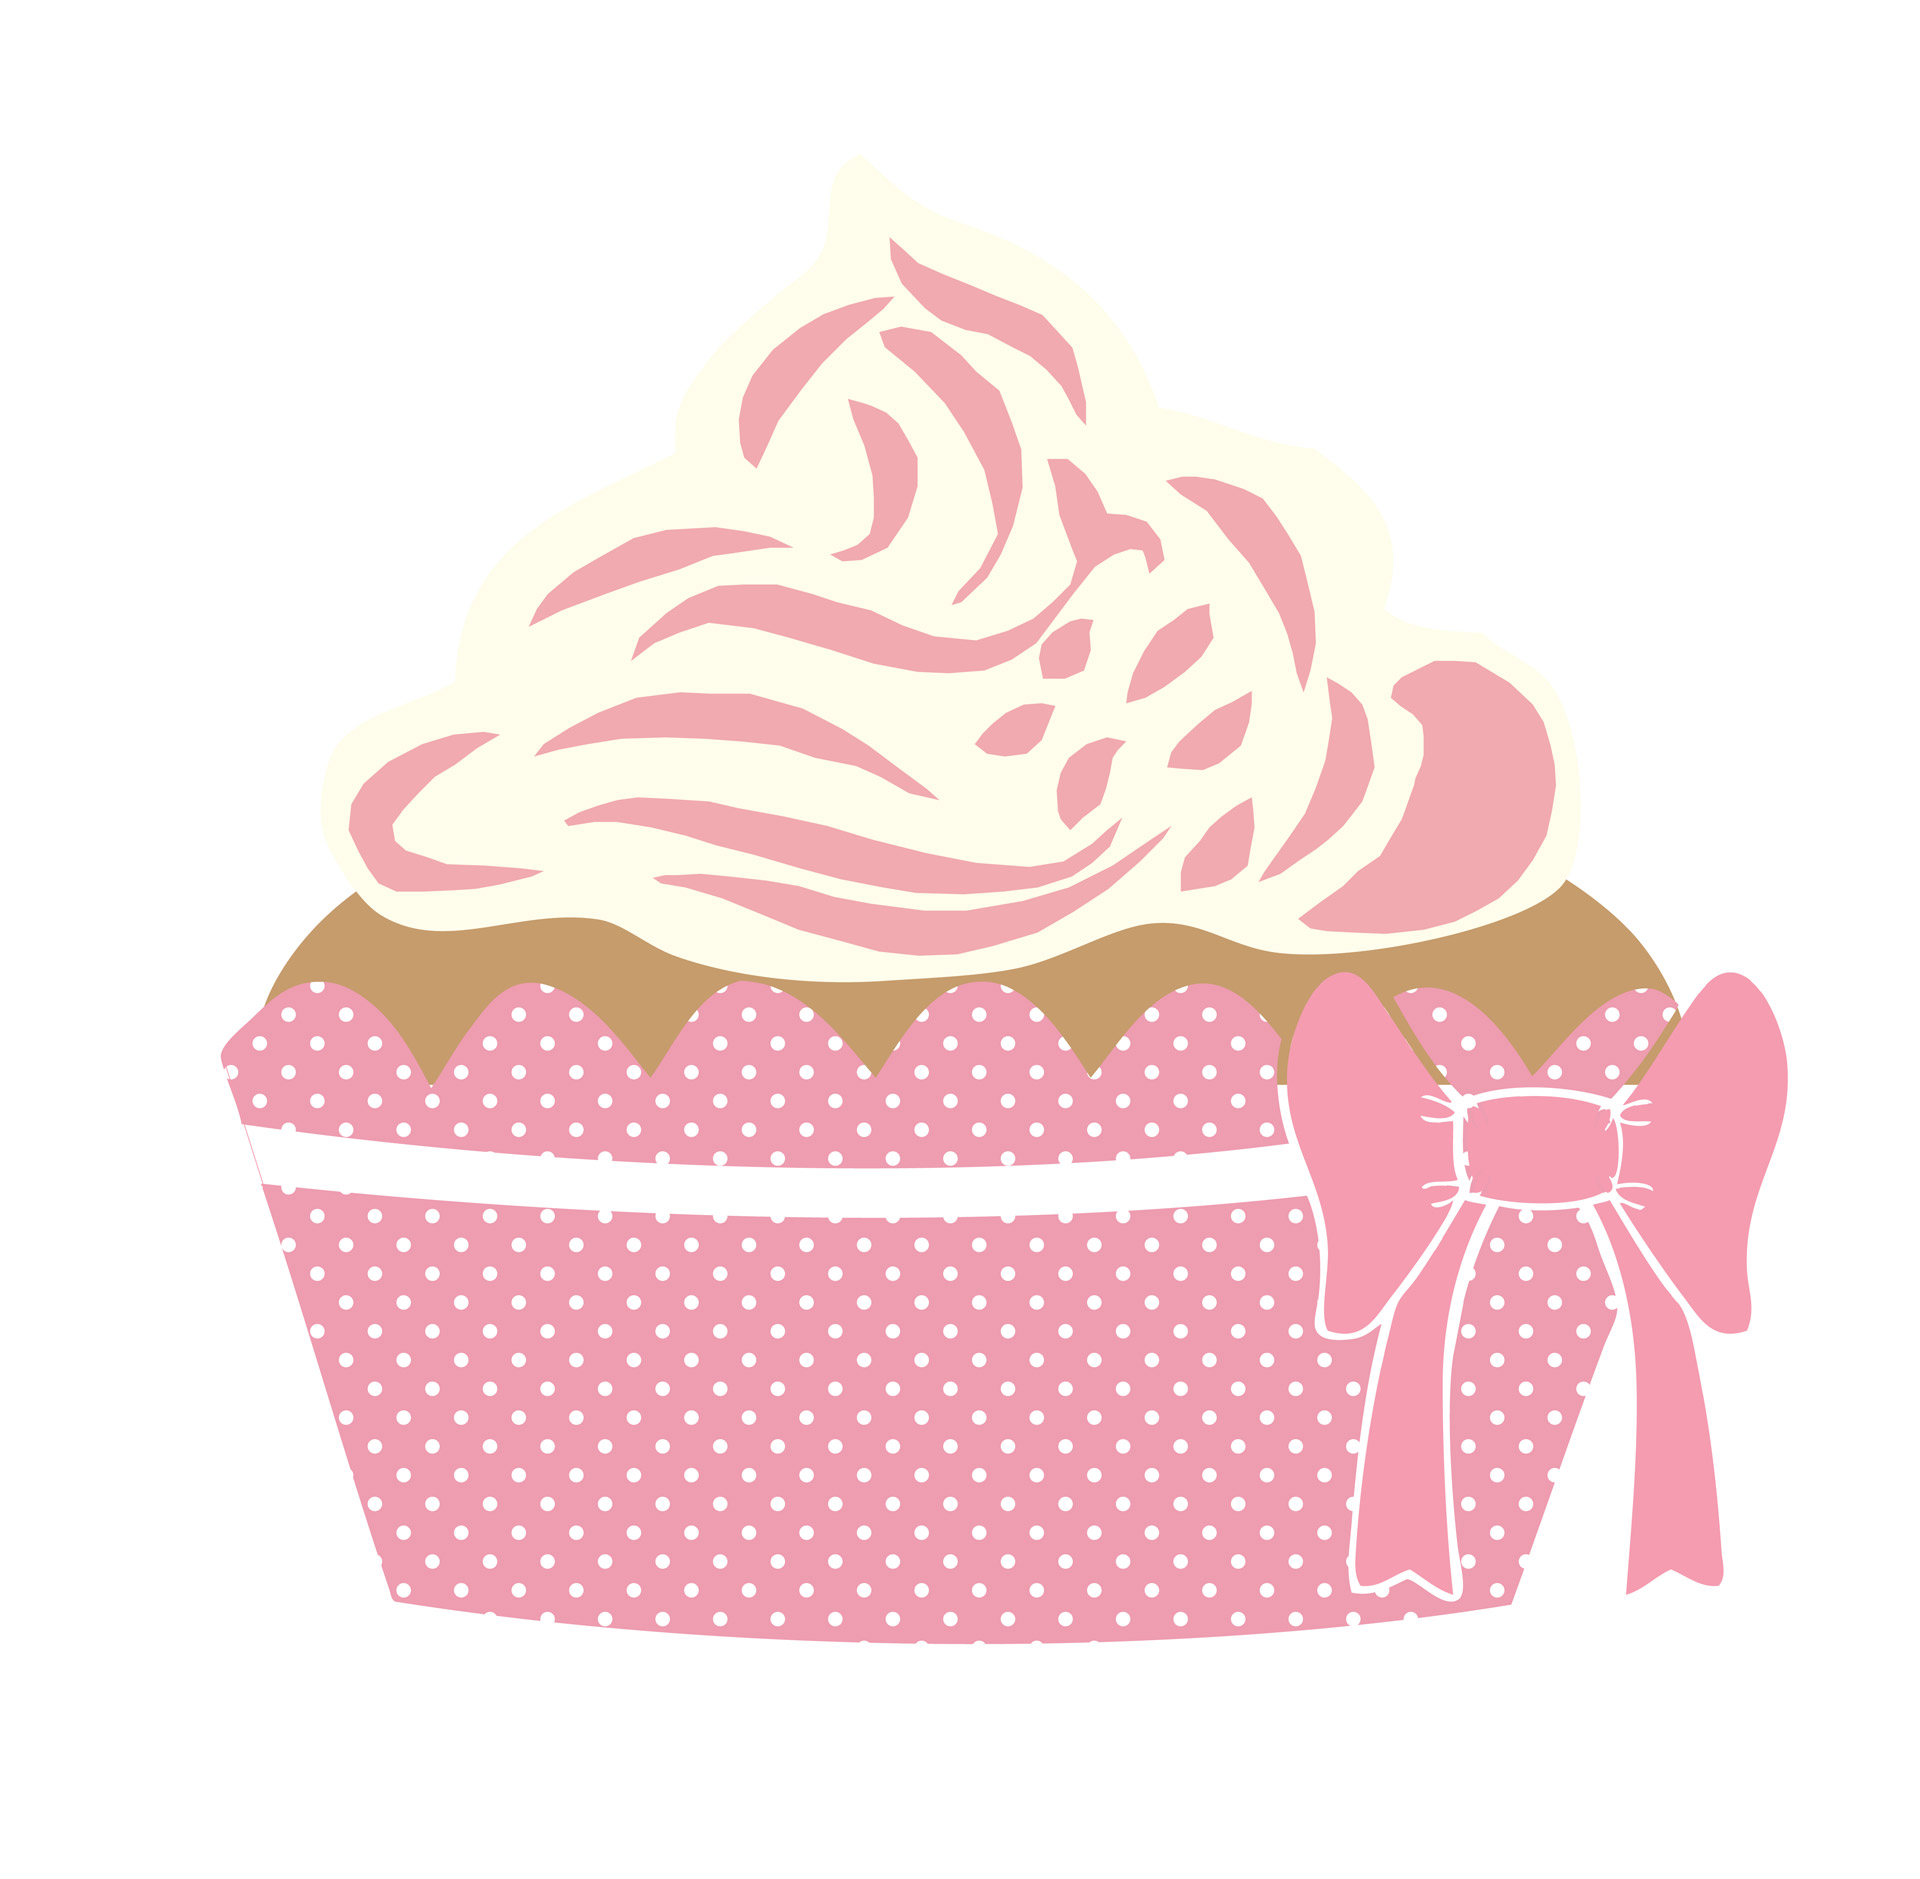 Vanilla Cupcake clipart pink cupcake Free Free Cupcake Download Cupcakes